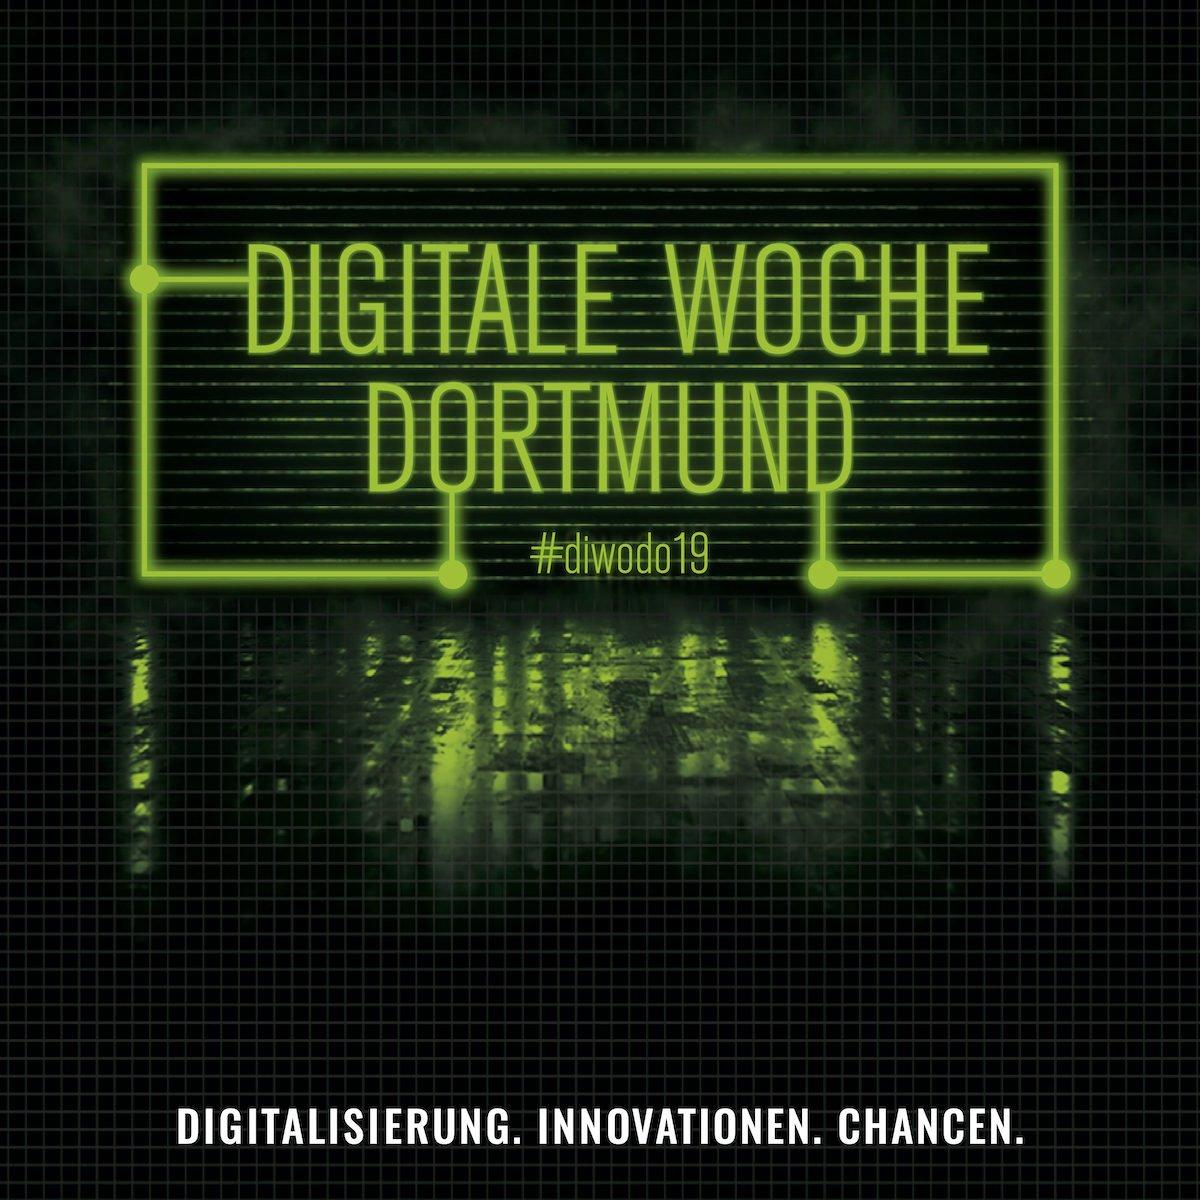 Digitale Woche DortmundDie #diwodo19 gibt ihr Magazin zum Download frei